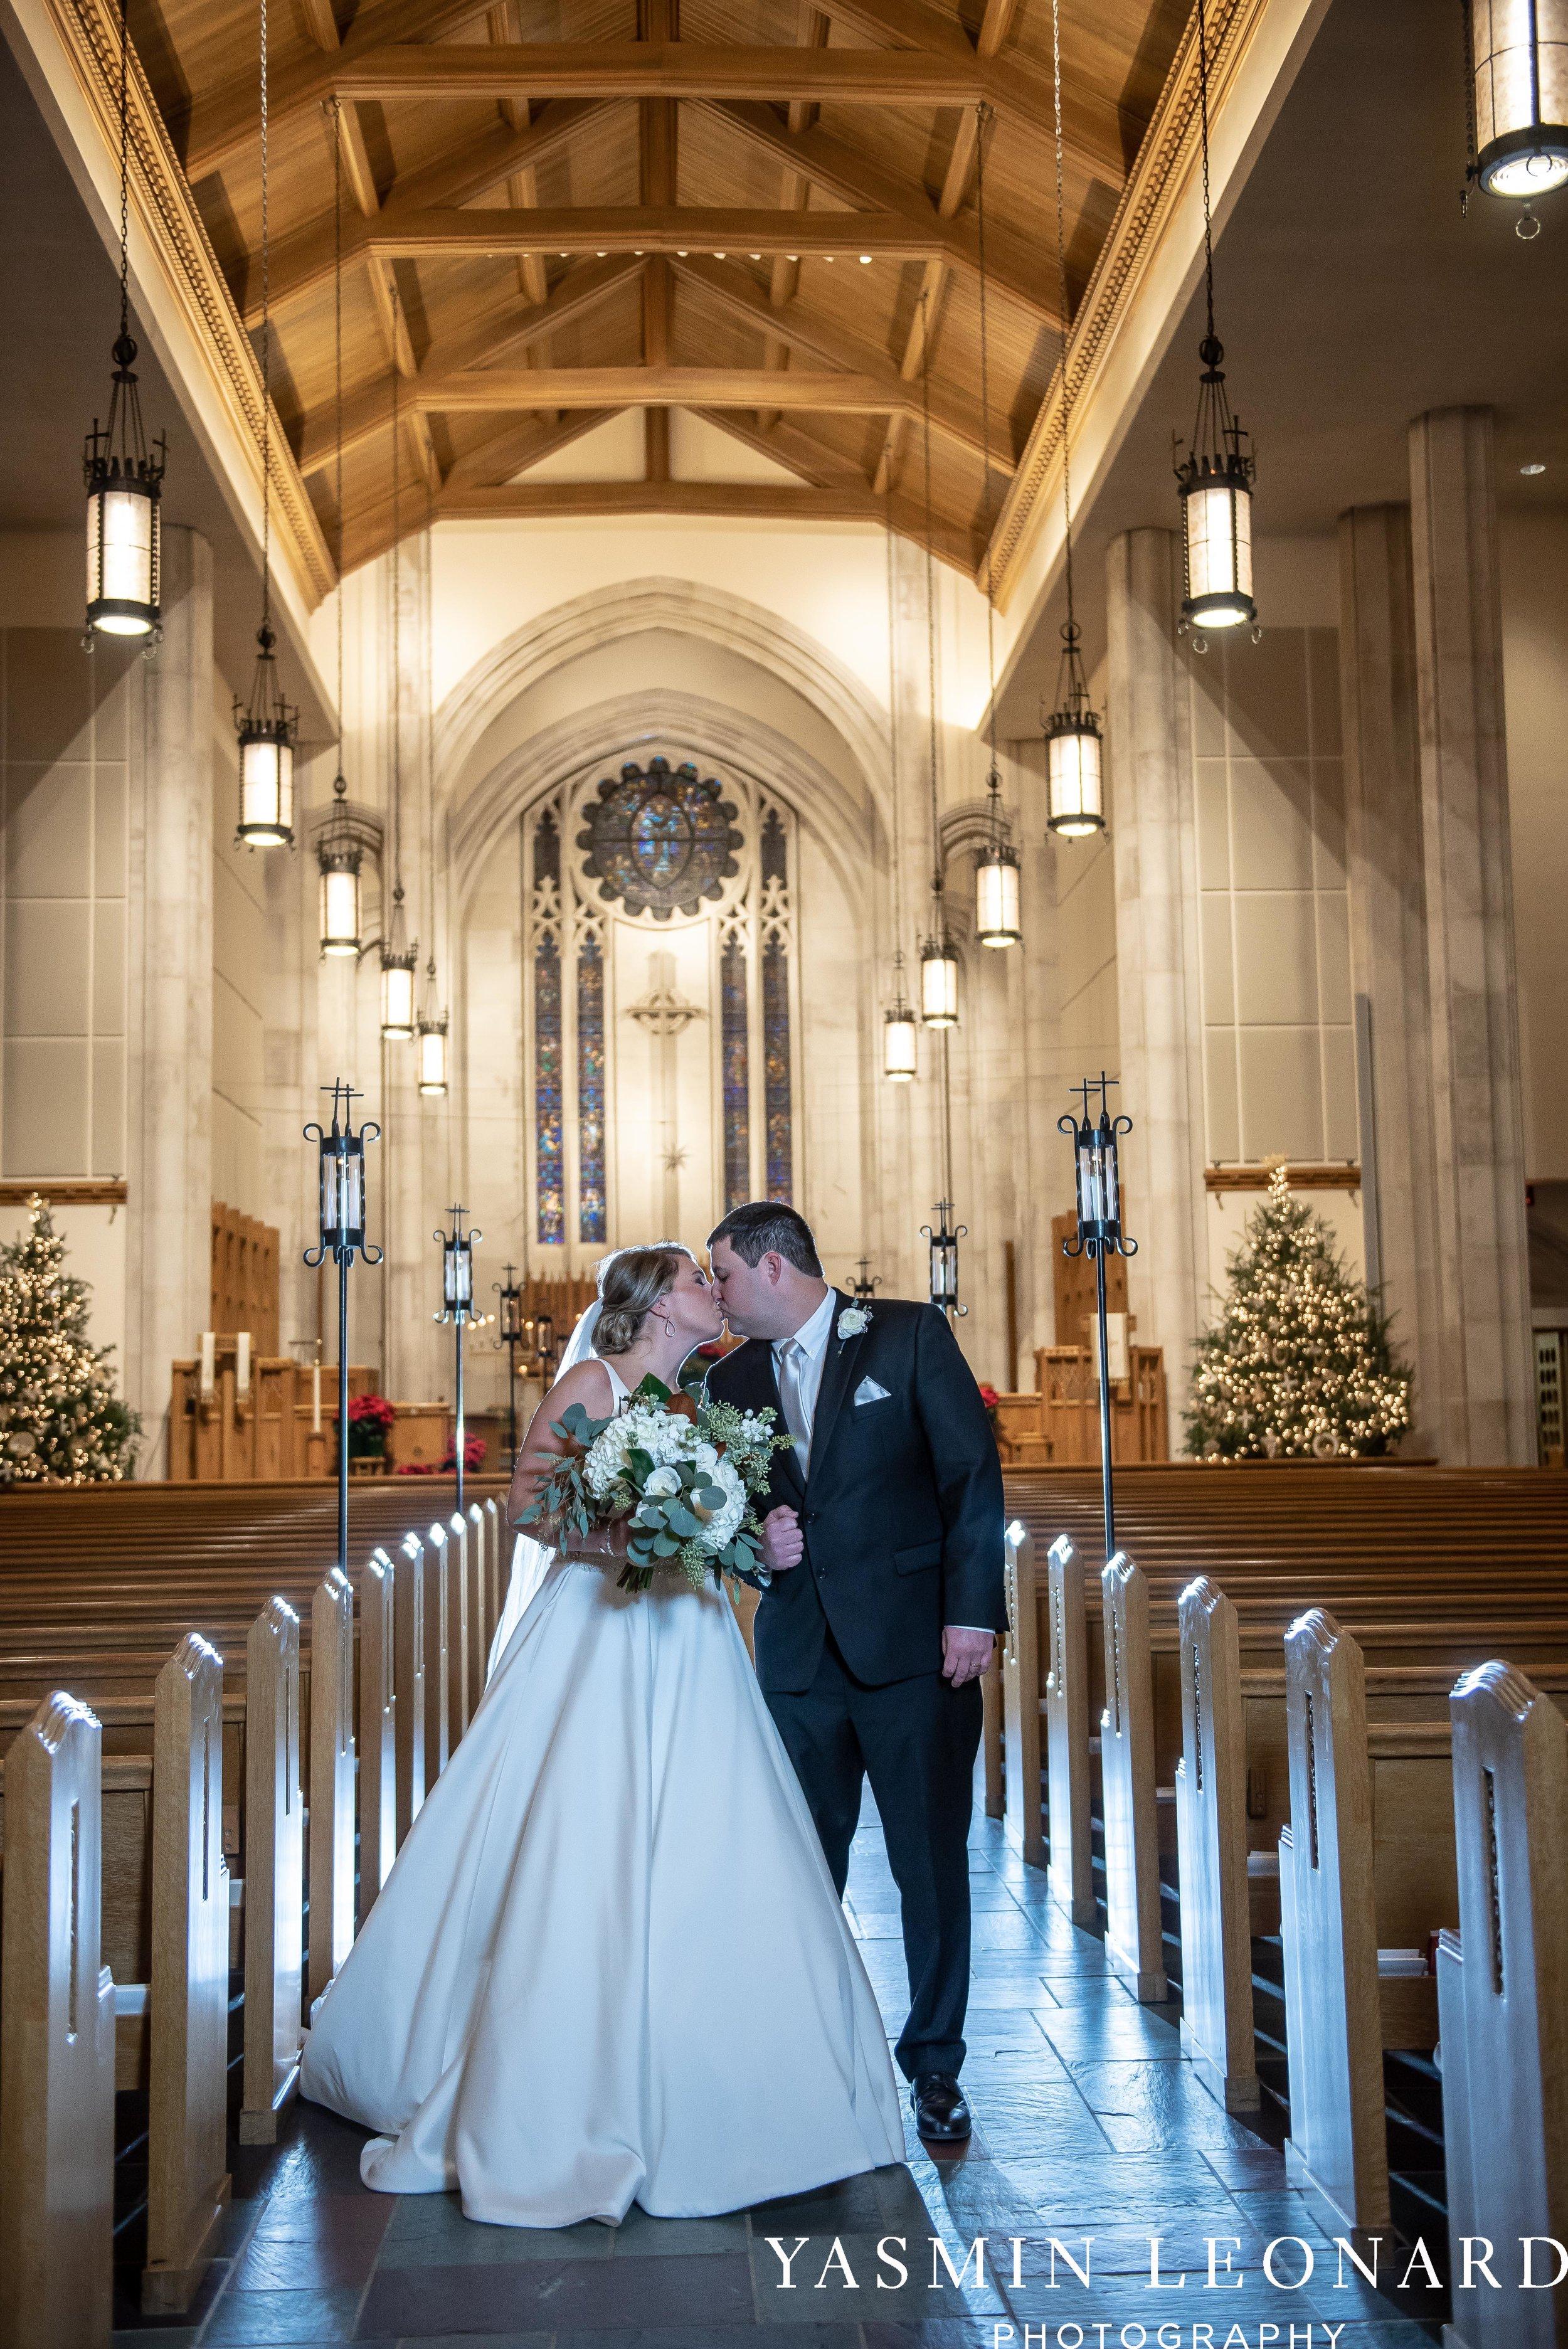 Adaumont Farm - Wesley Memorial Weddings - High Point Weddings - Just Priceless - NC Wedding Photographer - Yasmin Leonard Photography - High Point Wedding Vendors-46.jpg